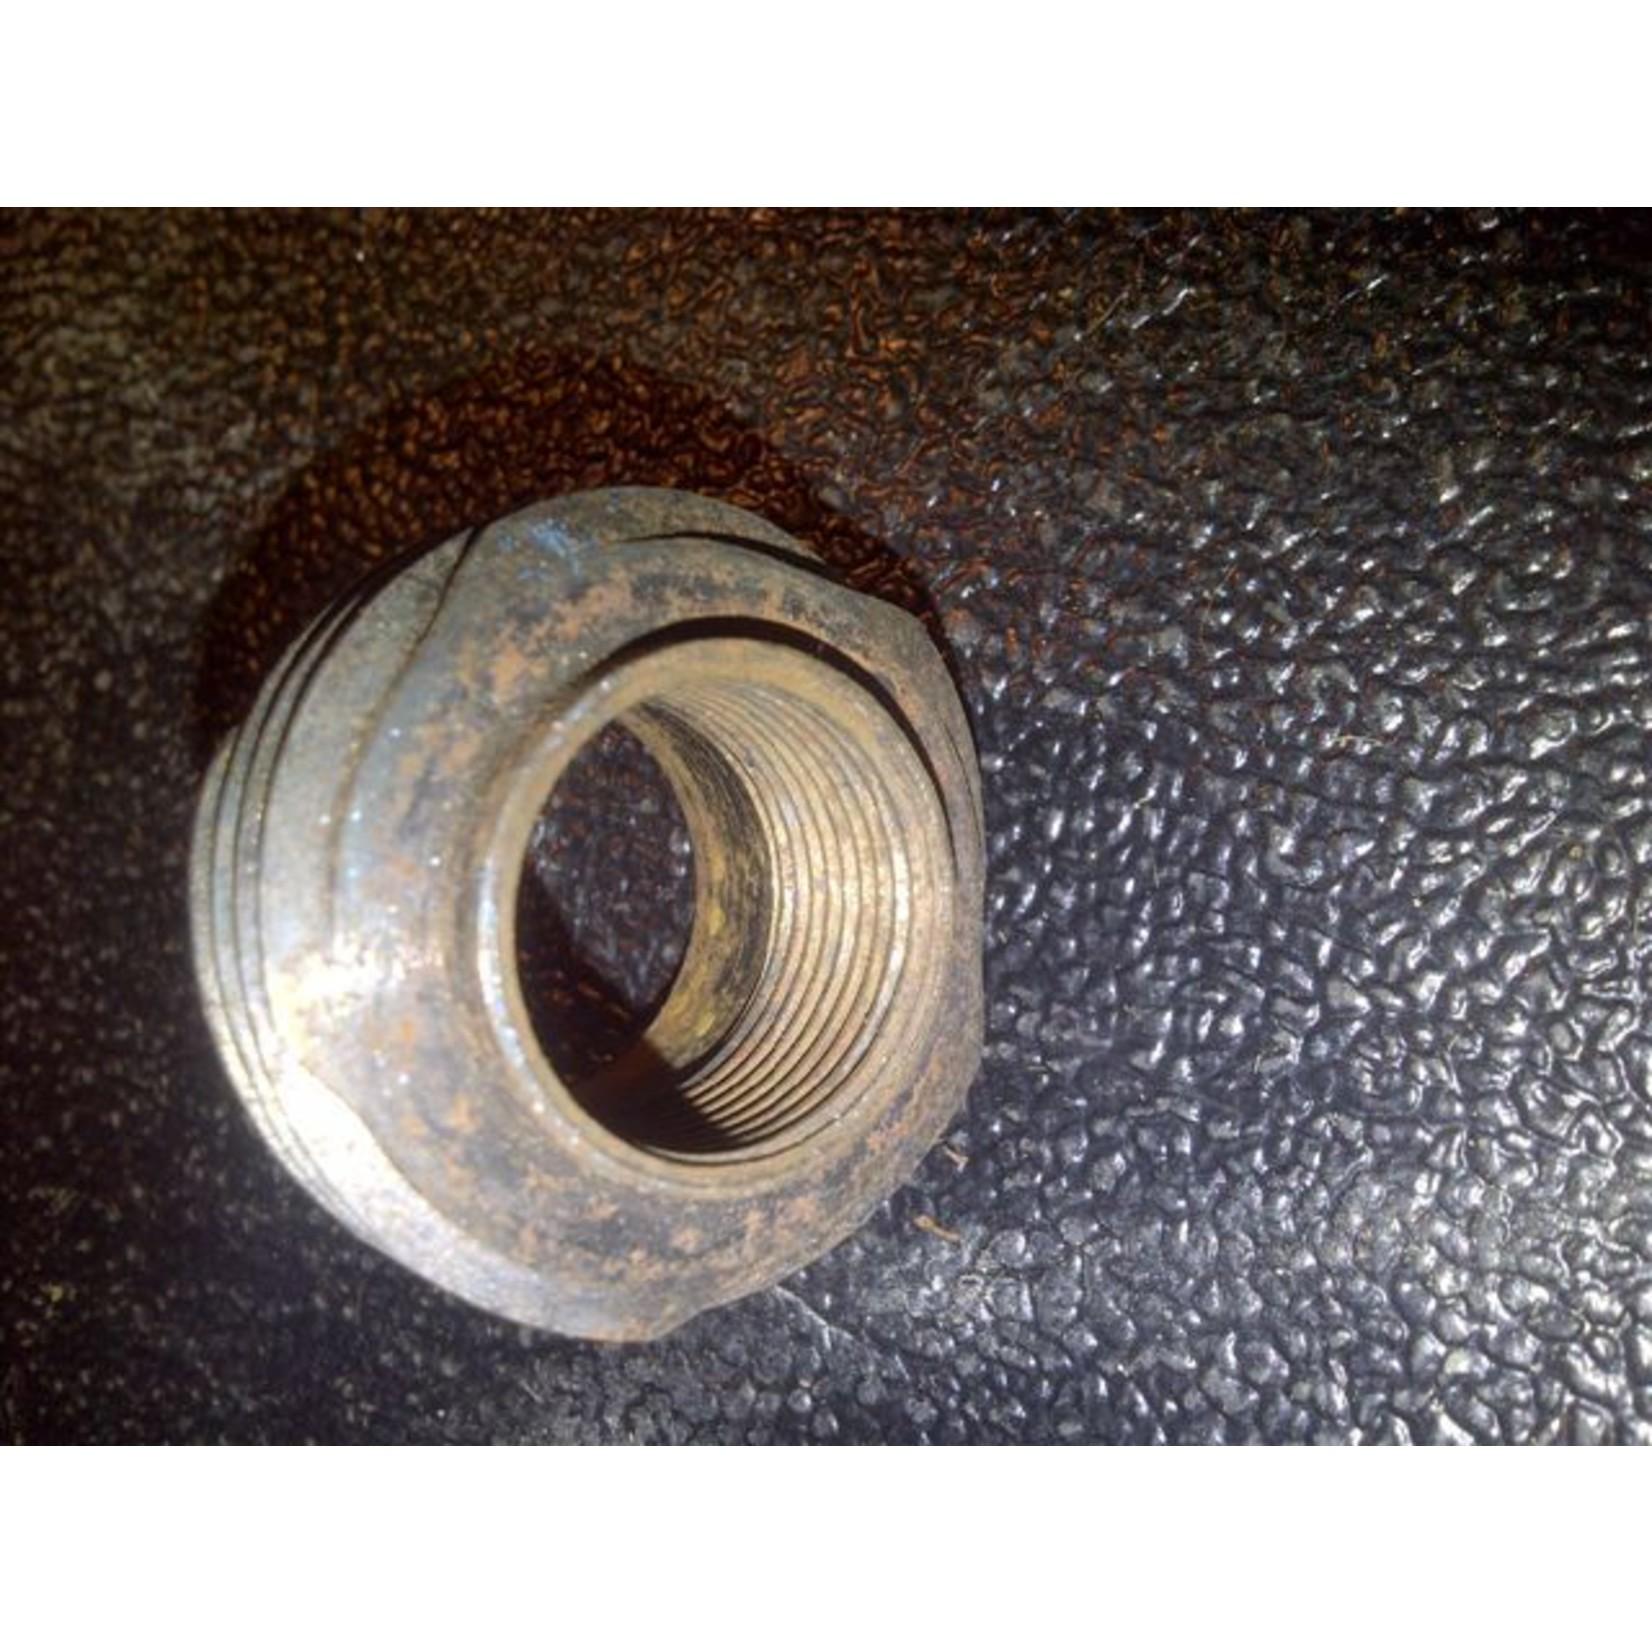 Moer snelheidsmeter 7 windingen -65 3 paliers Nr Org: DS344-5